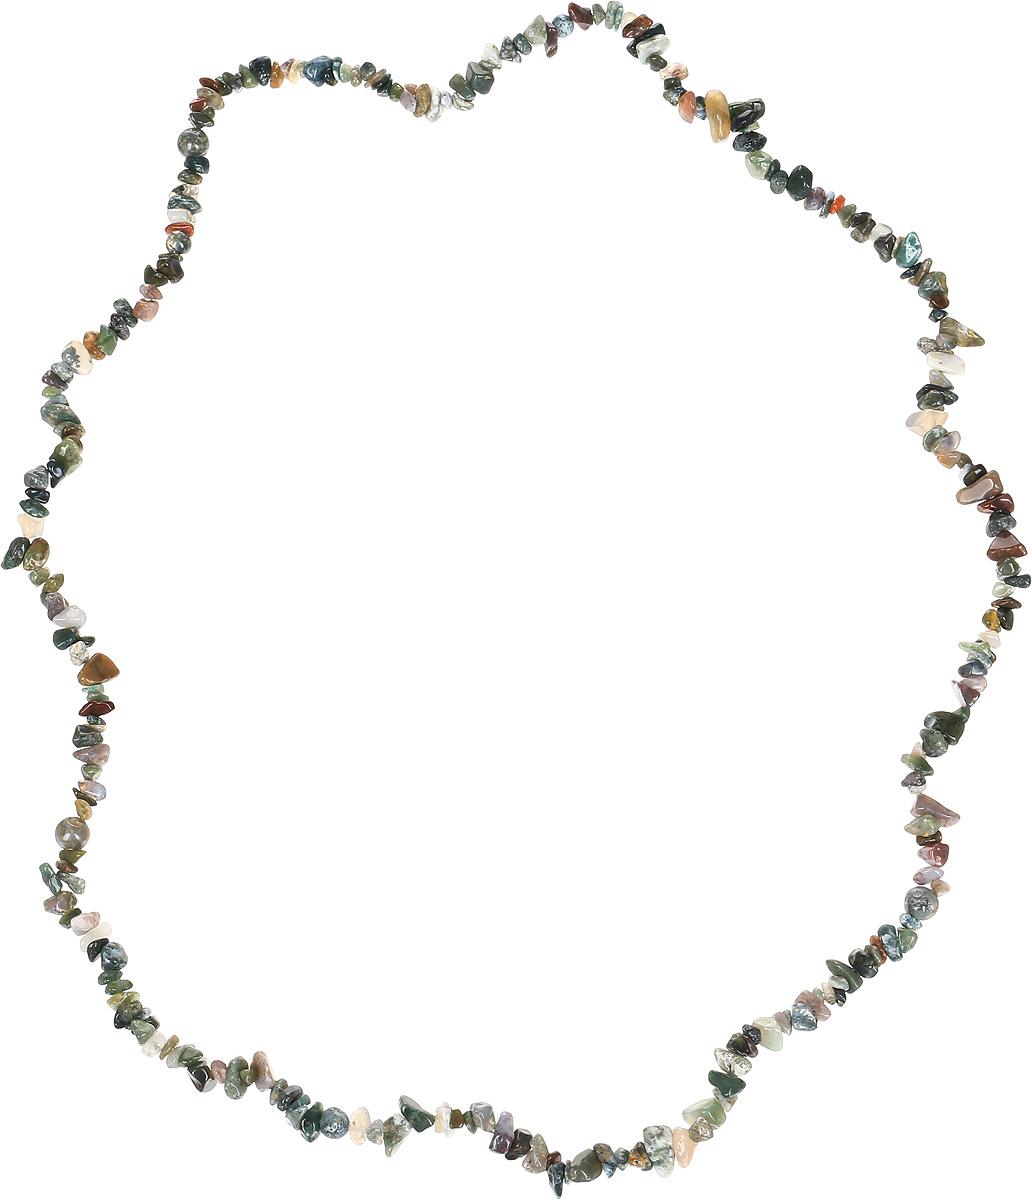 Бусы Револю Забава 2, цвет: зеленый. НЯШ-75-90-2Колье (короткие одноярусные бусы)Бусы из натуральной яшмы. Длина бус 80 см. Цветные яшмы очень многообразны! Кажется, среди несметной россыпи яшмовых камней не найти и двух одинаковых! Если вы любите неожиданности и сюрпризы, если вам по душе яркость и бесконечная череда радостных дней, носите это благородное украшение из весёлой яшмы, такой нарядной и всегда разной!